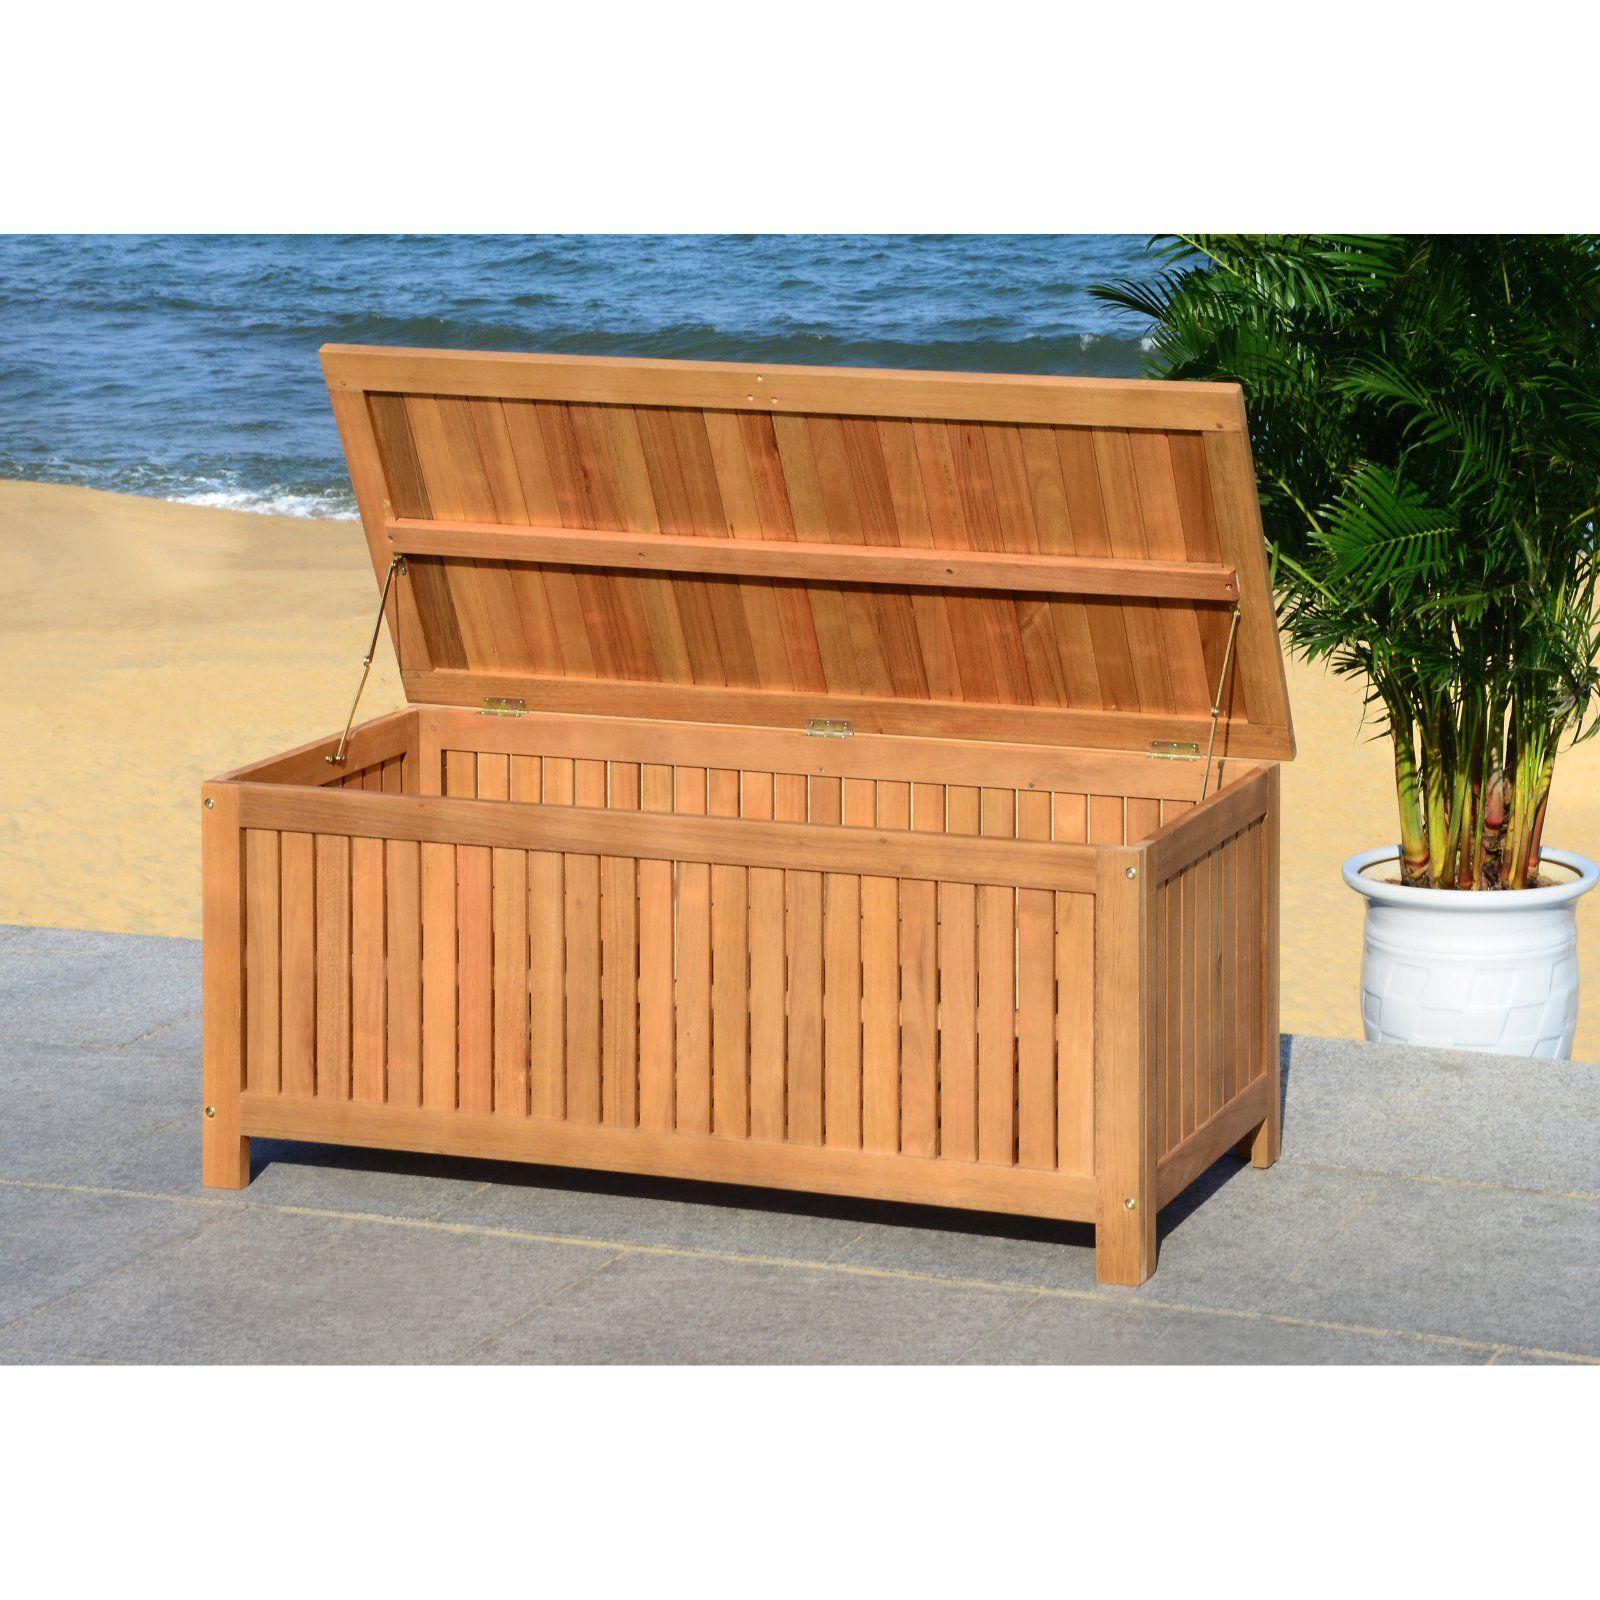 Safavieh Abri Indoor Outdoor Wood Storage Box Patio Storage